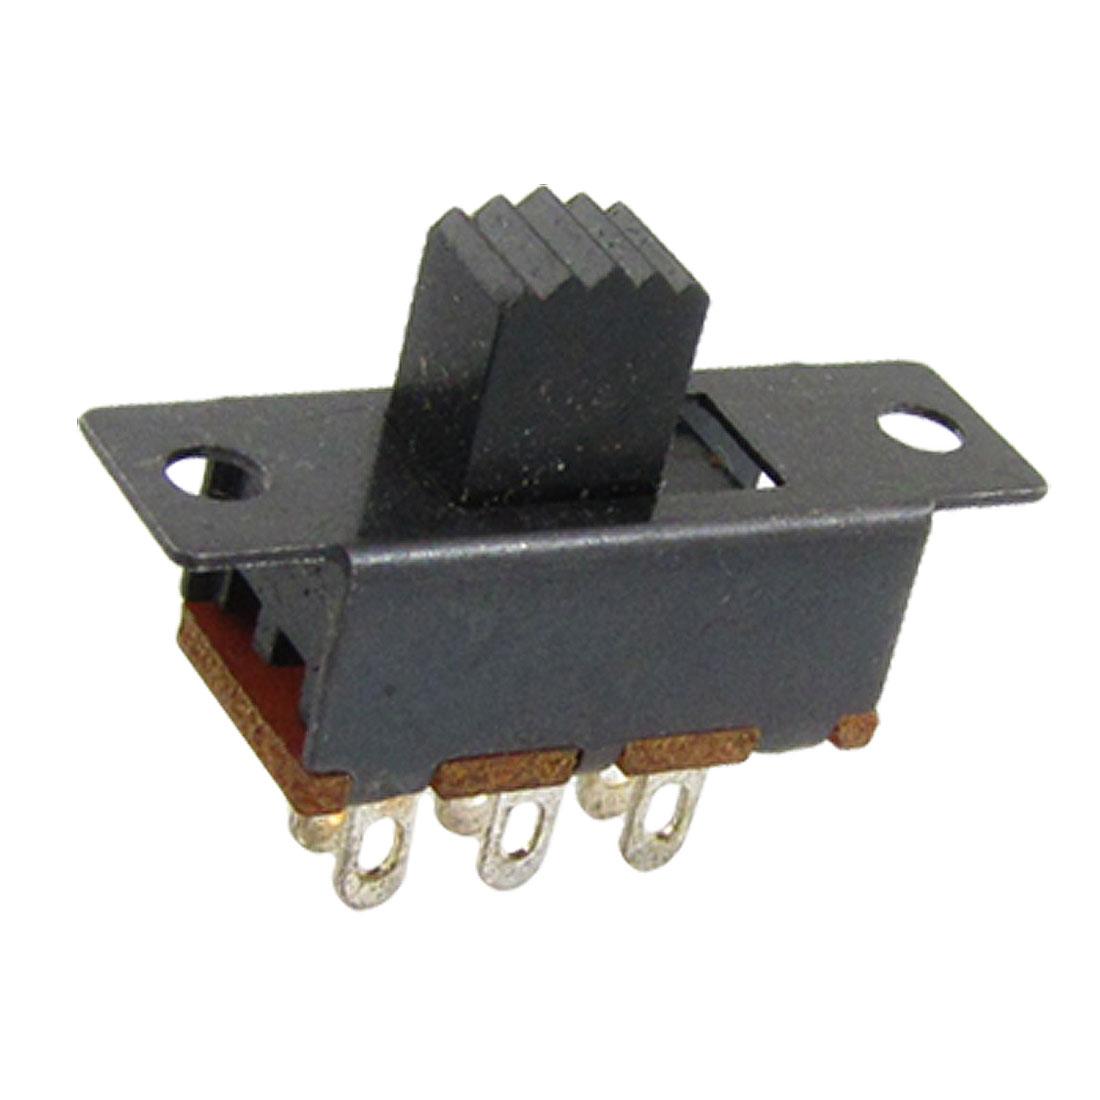 10 Pcs x ON/ON 2 Position DPDT 2P2T ON/ON Slide Switch 6 Solder Lug SS22F32-G6